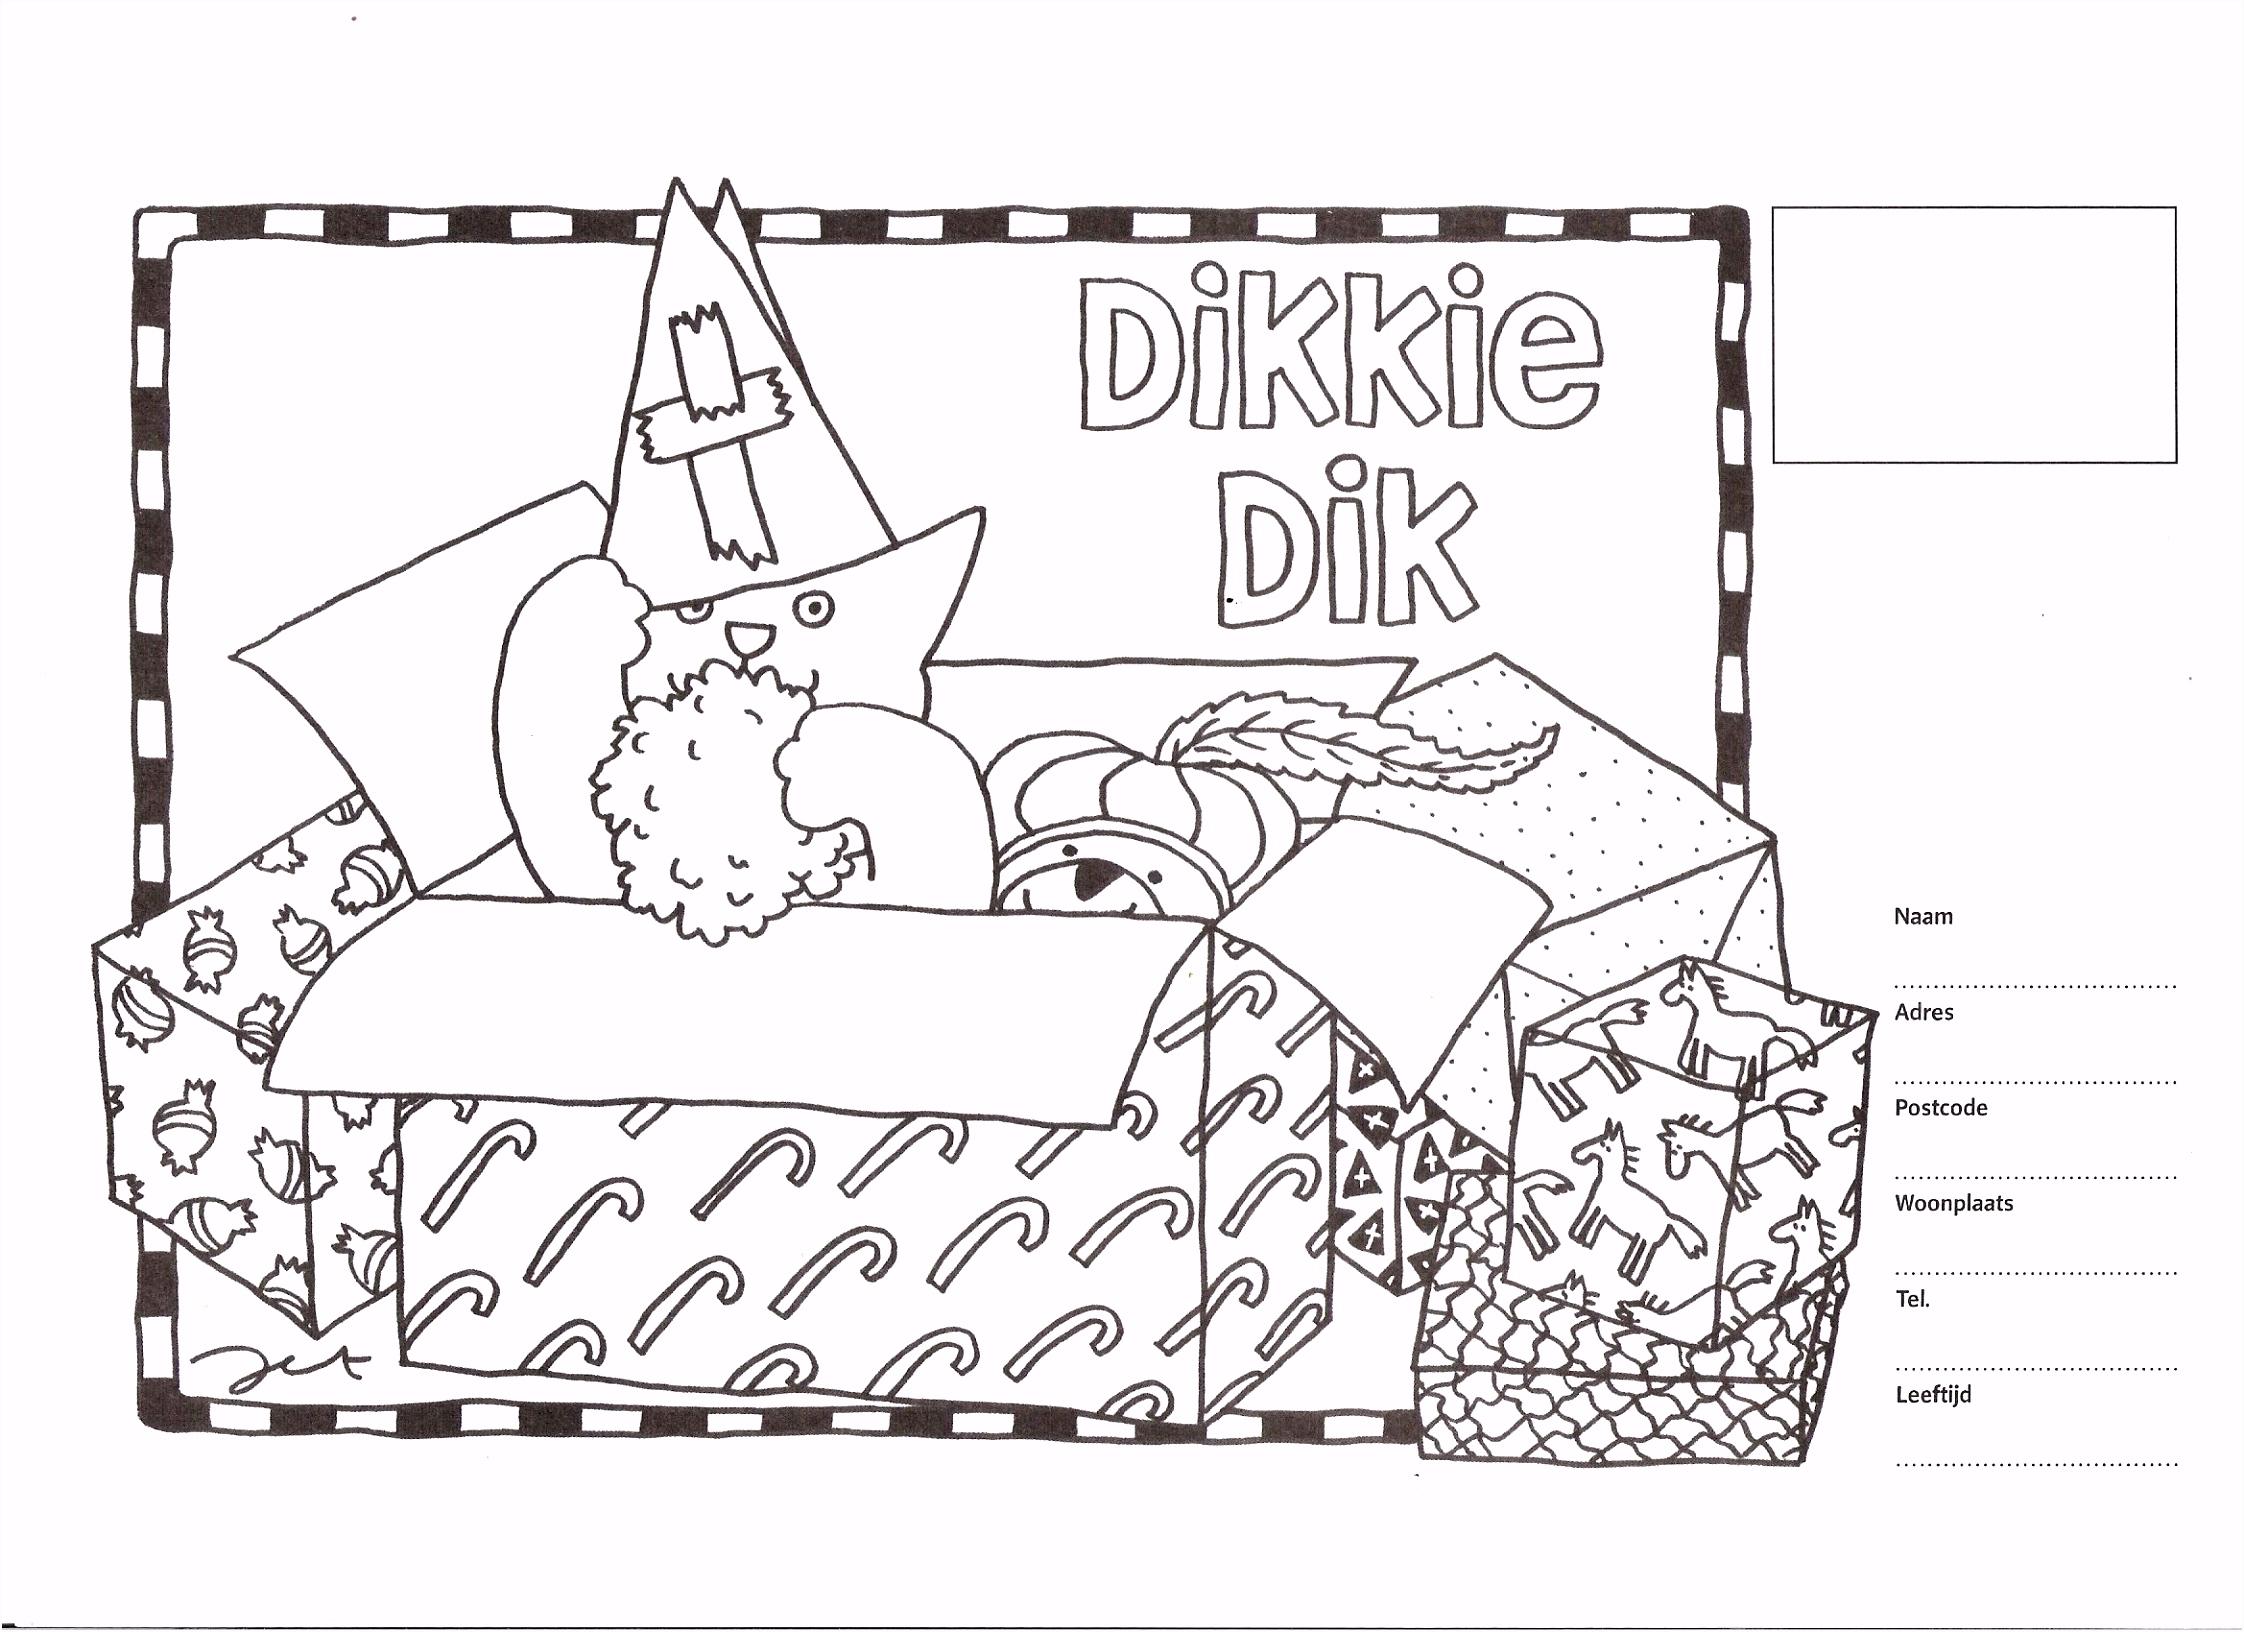 Kleurplaat Dikkie Dik Sinterklaas ARCHIDEV